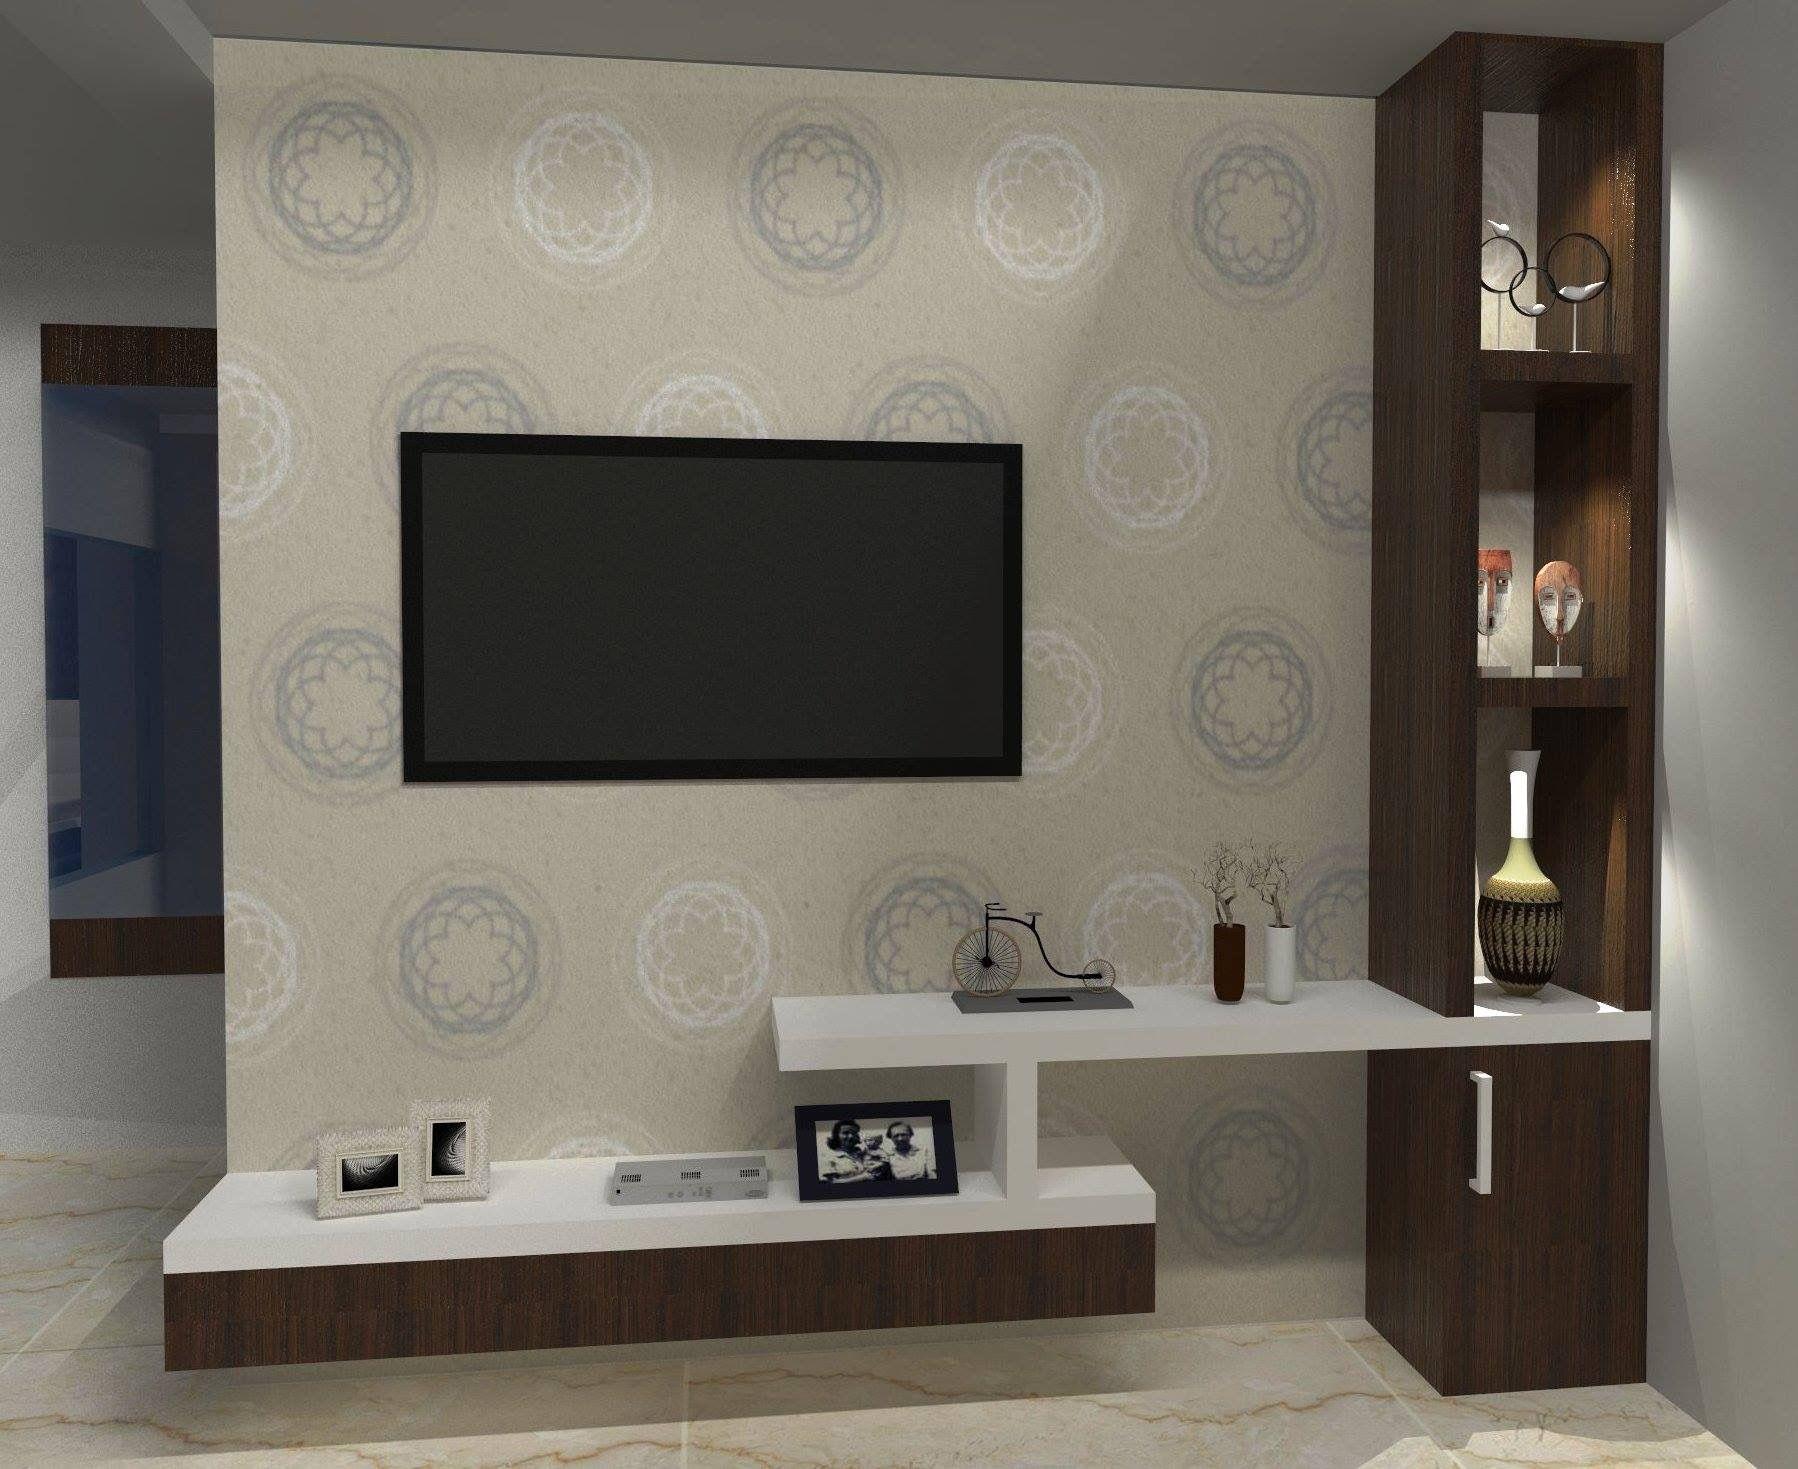 Foto 1 estante home para tv at 46 polegadas 1 porta de - Led panel designs furniture living room ...